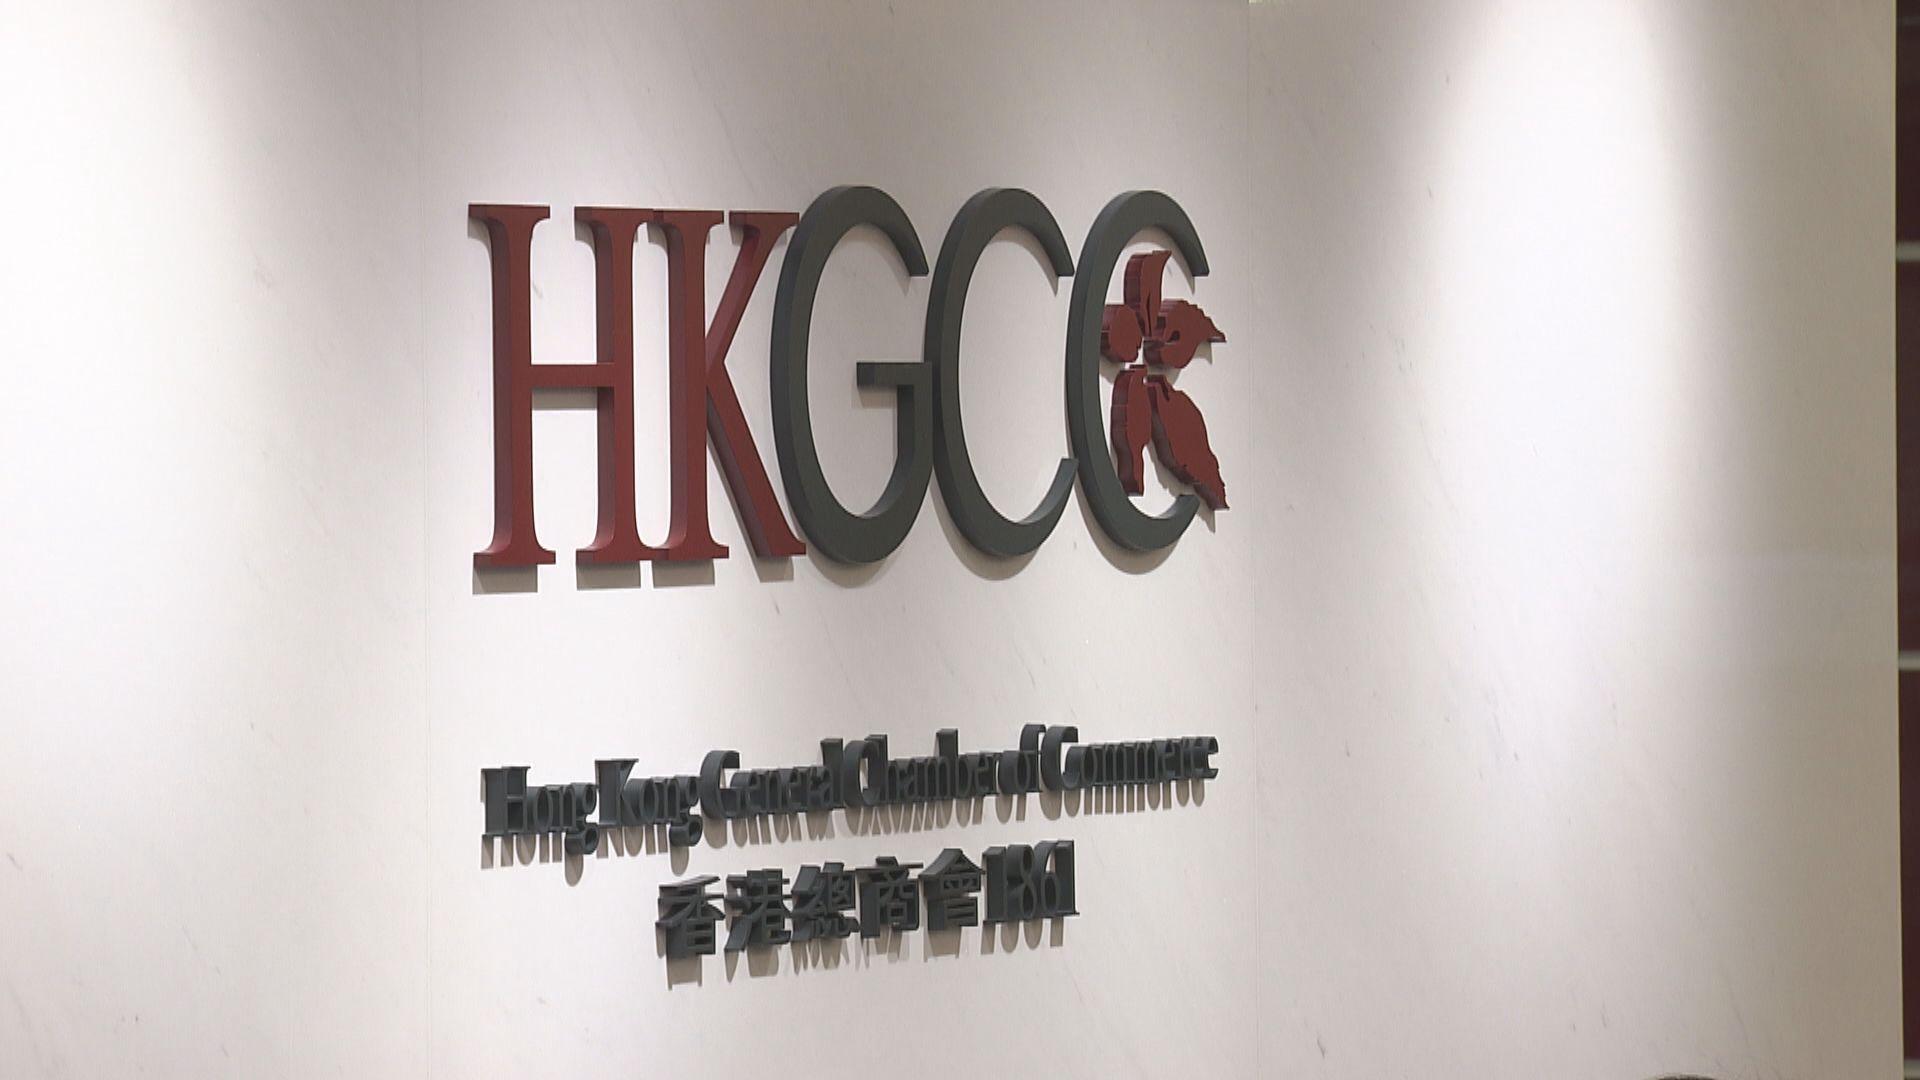 【逃犯條例】香港總商會歡迎政府提出新修訂